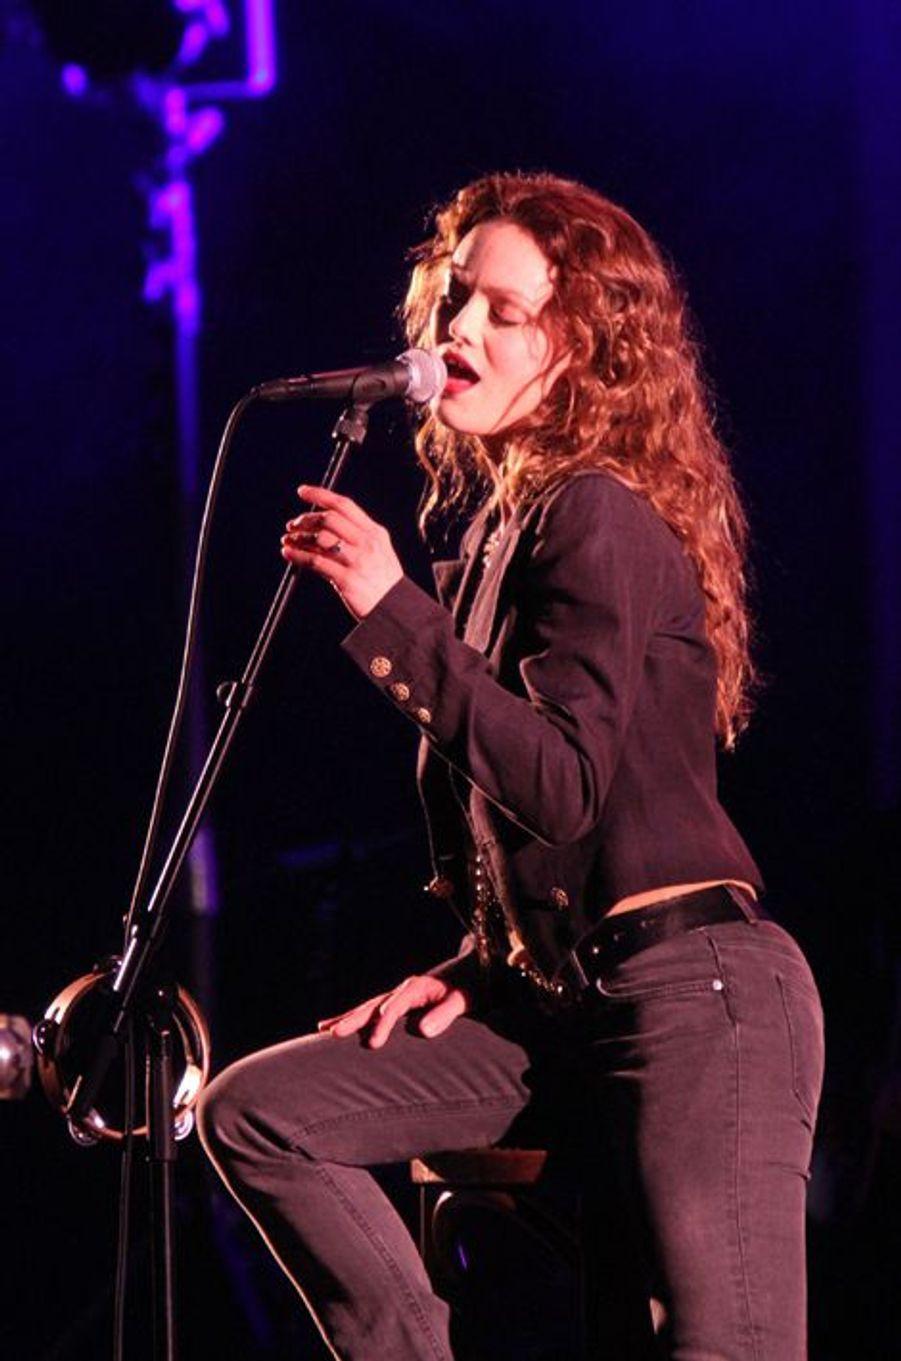 En concert à Los Angeles en février 2011.